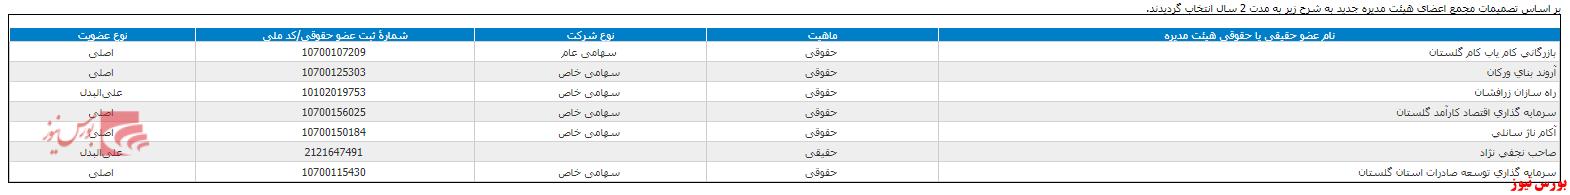 تصمیمات مجمع شستان+بورس نیوز